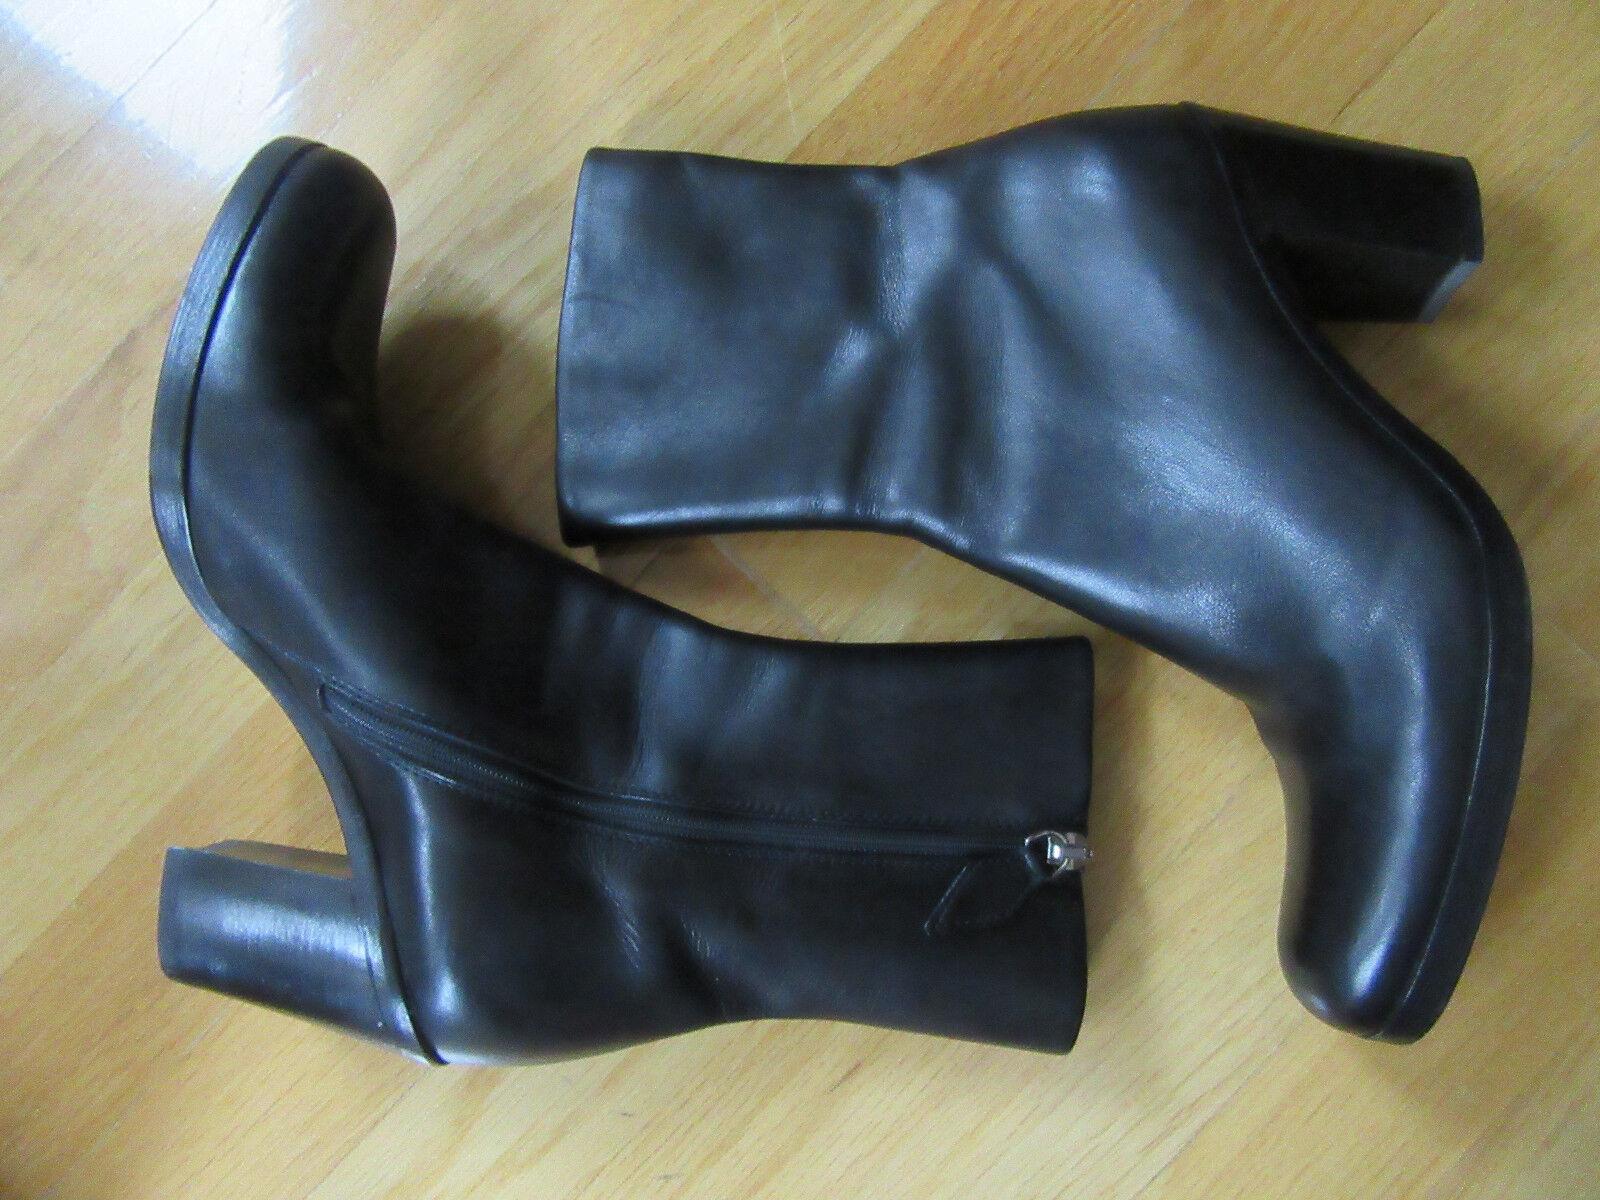 miglior reputazione Jil Sander Sander Sander nero Block  Low Heel Leather stivali Dimensione 35 US 4.5 - 5 M  prezzo all'ingrosso